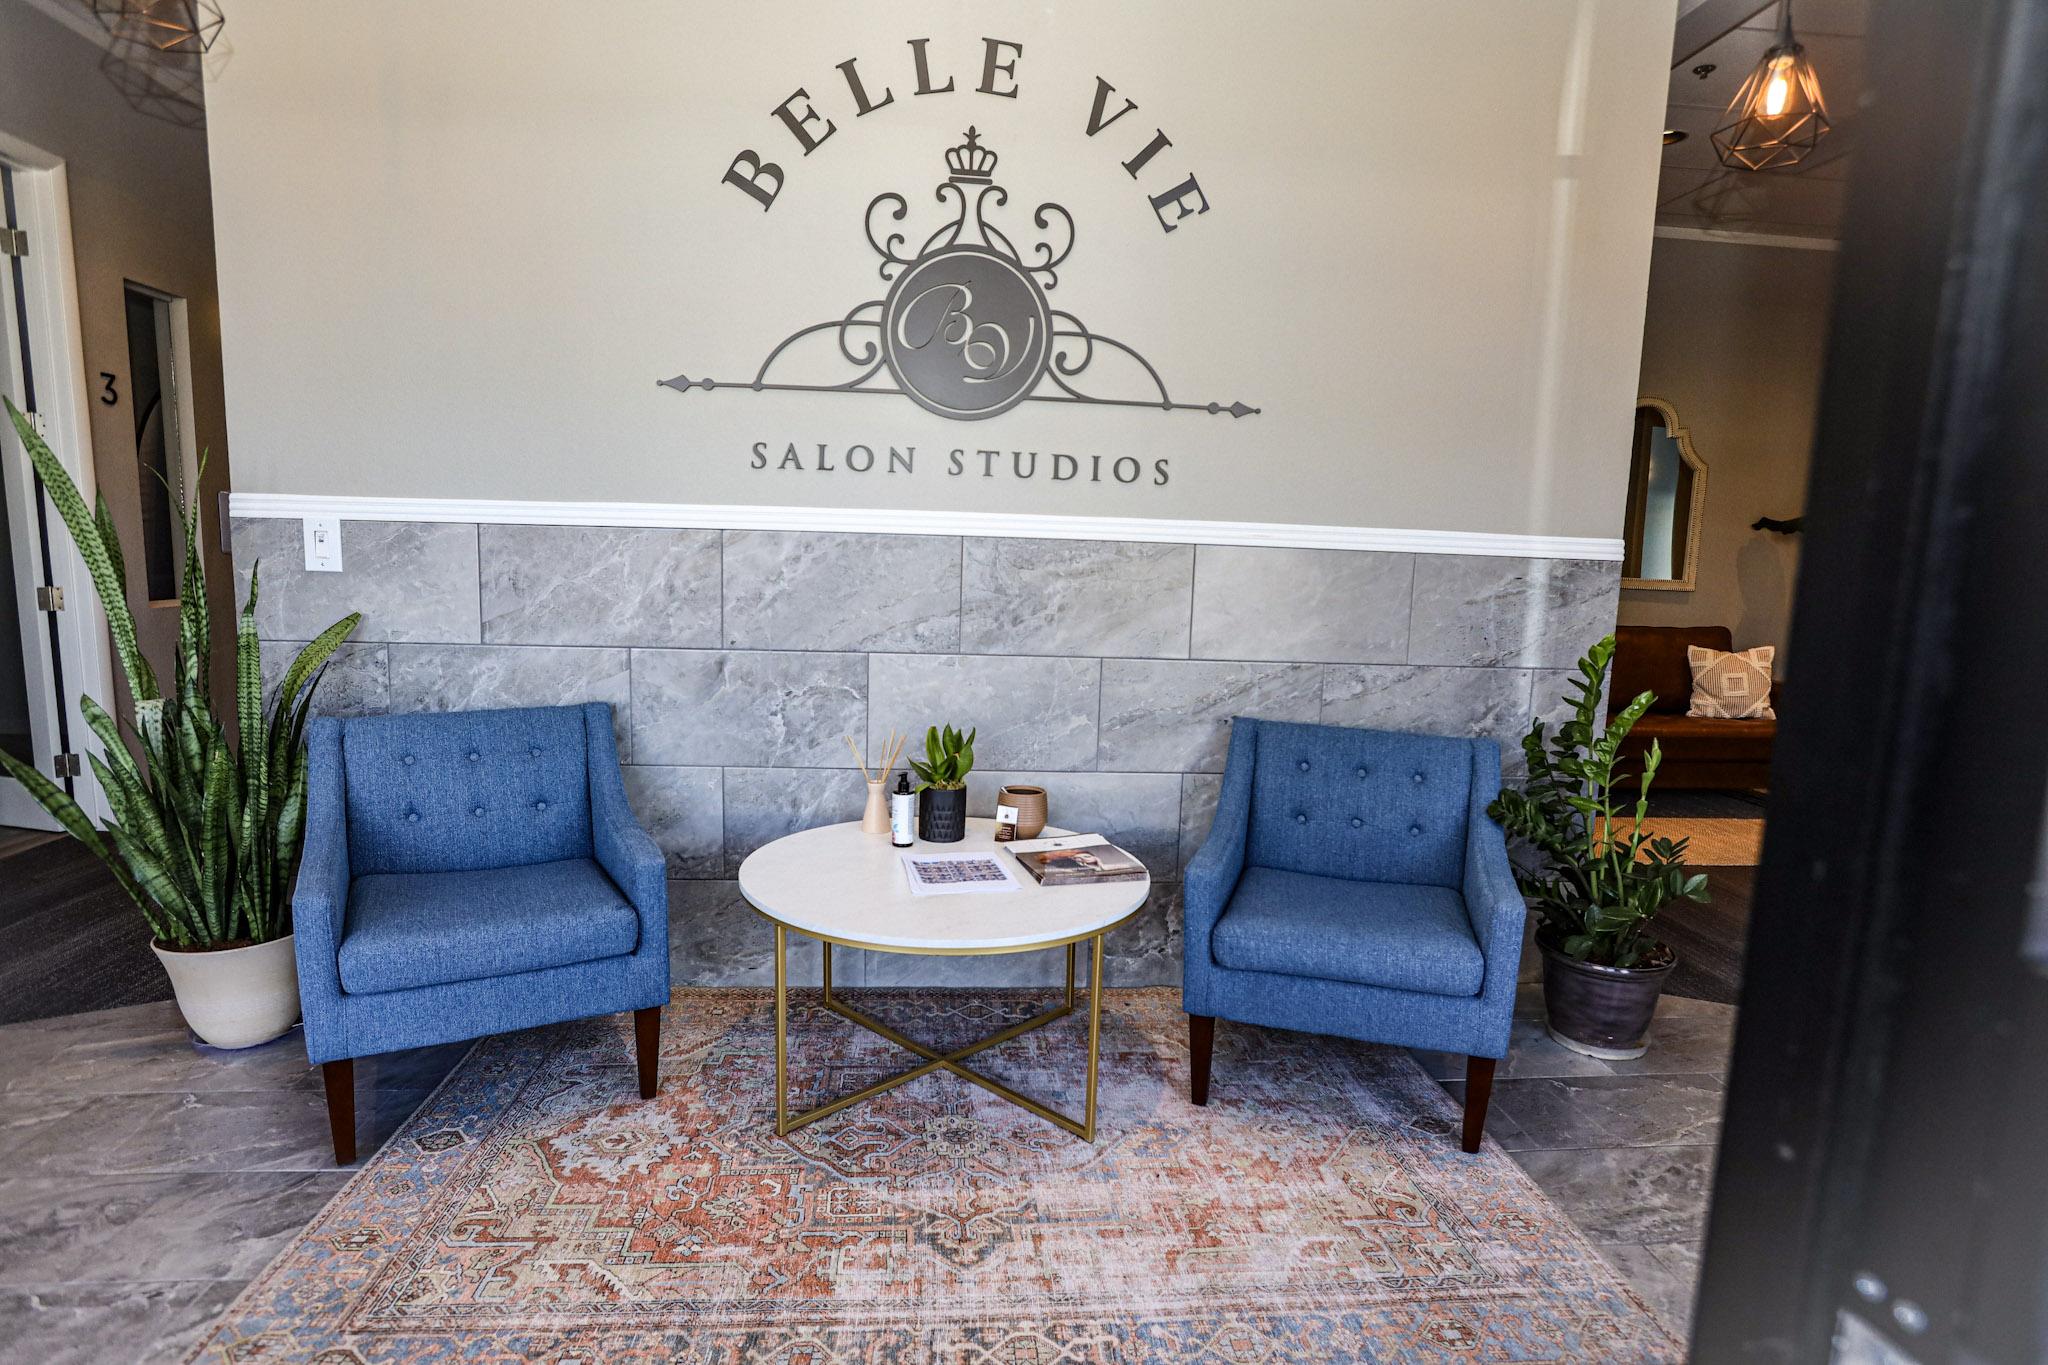 Salon Suites for Rent near Me